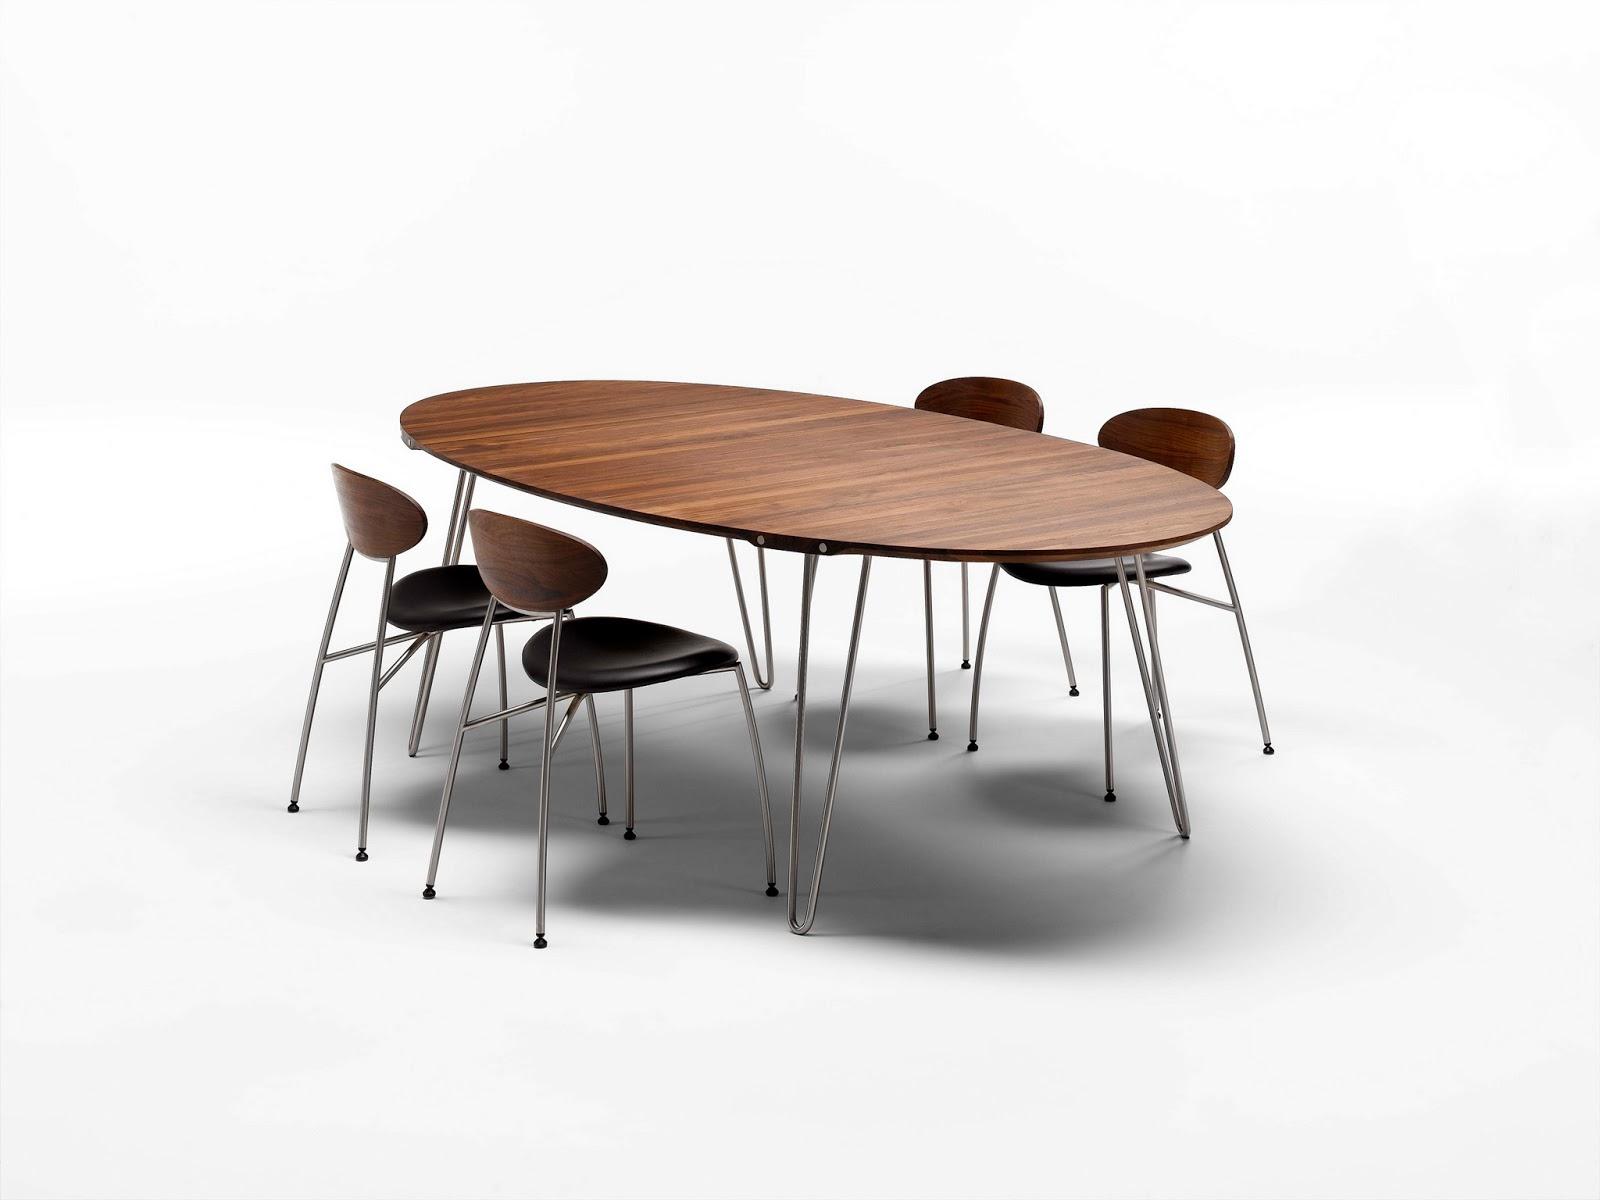 Gm 6600 6700 noordkaap meubelen - Keukentafel corian ...